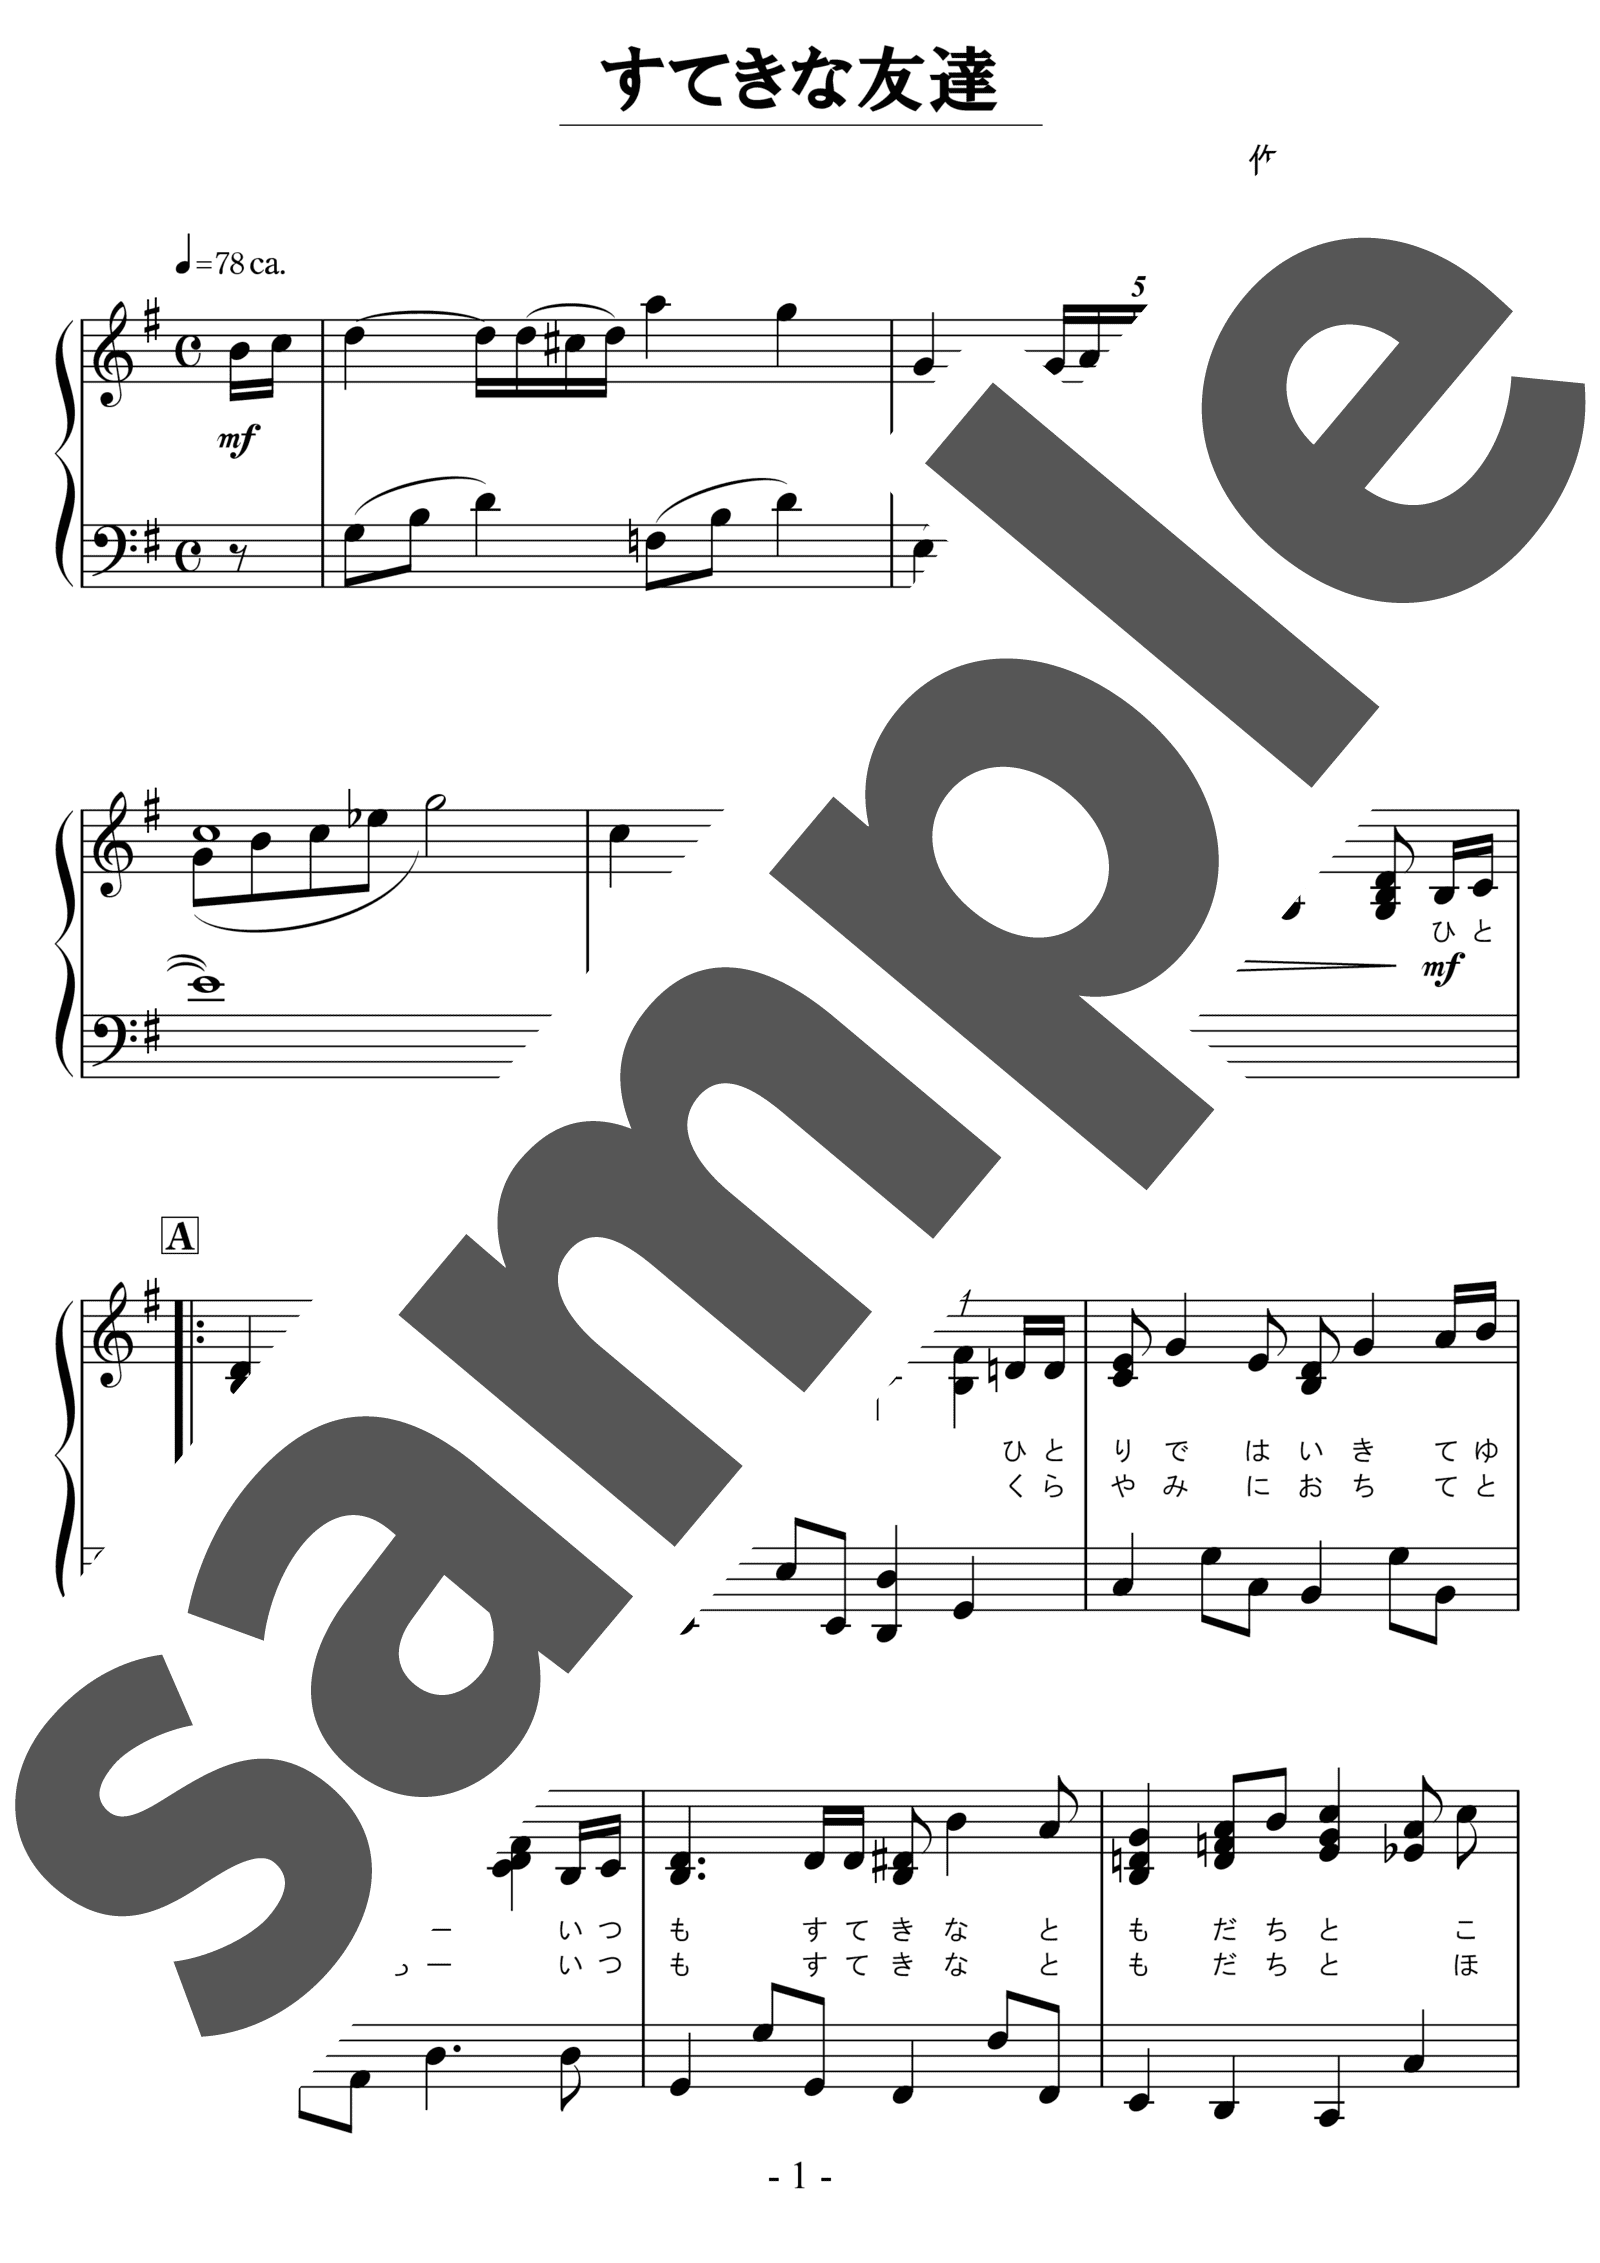 「すてきな友達」のサンプル楽譜